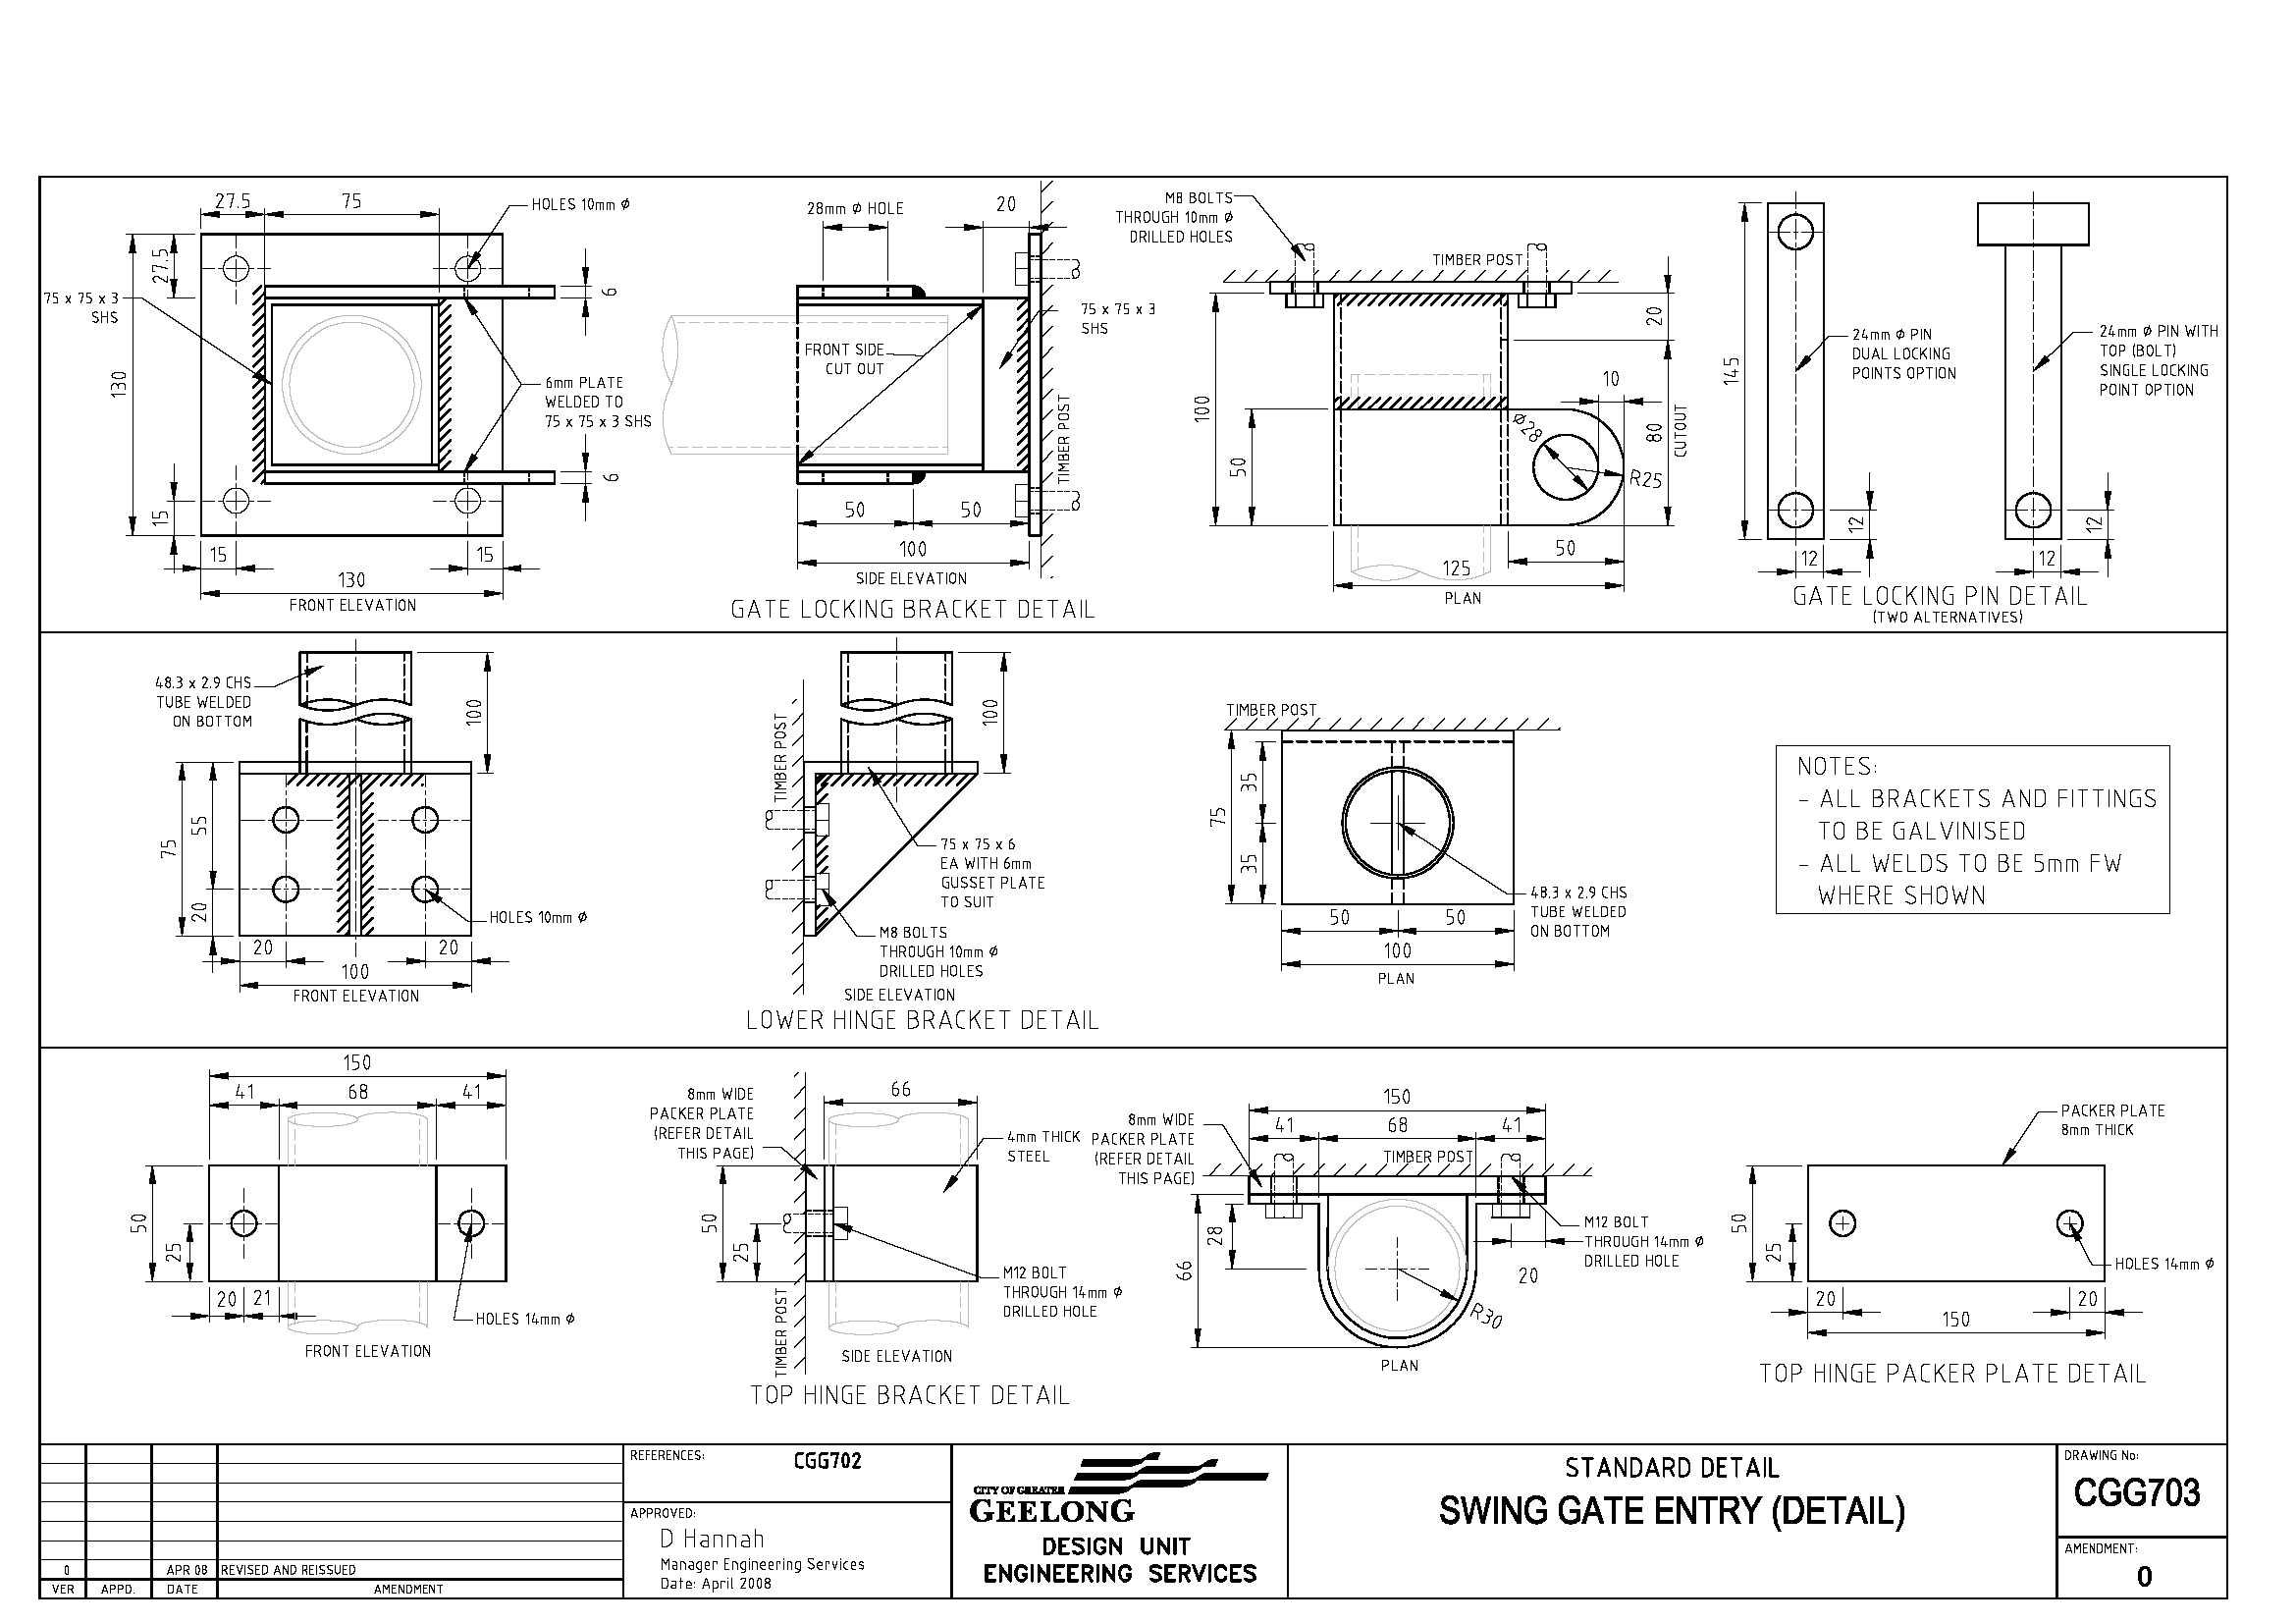 Civil Engineering Standard Drawings - CGG703 Swing gate entry (Detail)